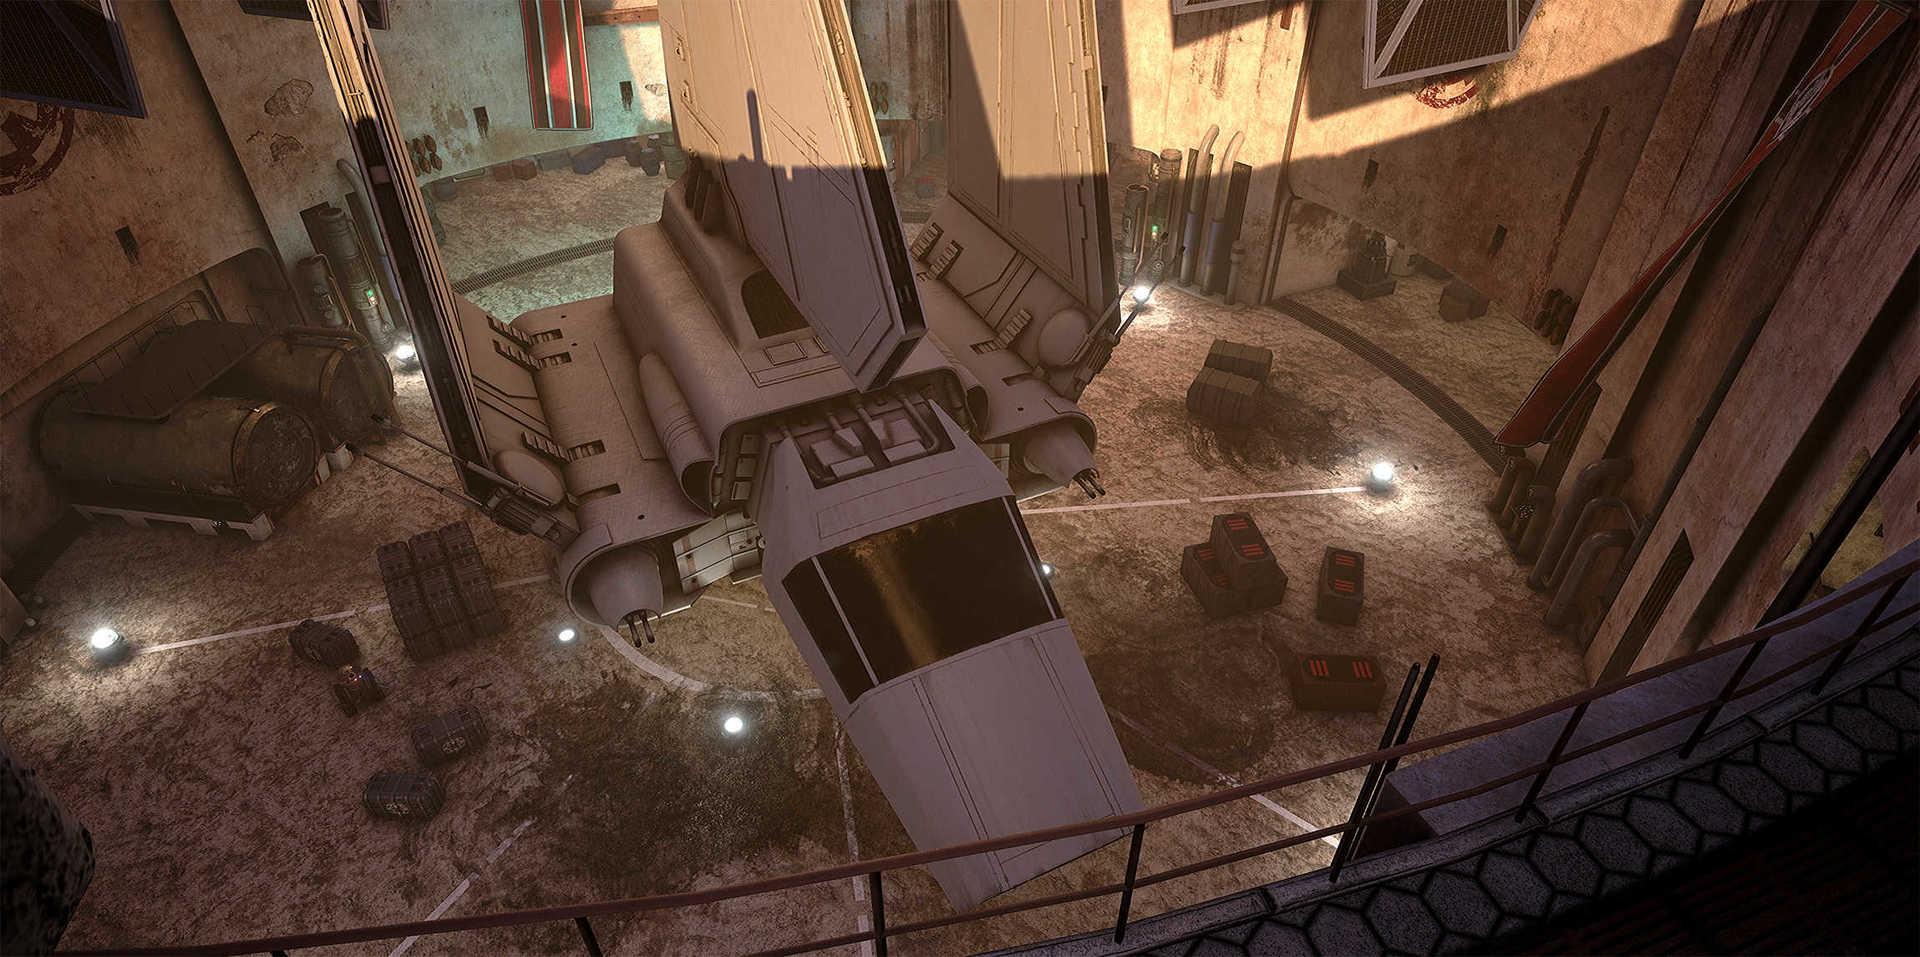 Создание сцены из Star Wars в Unreal Engine 4 - 26